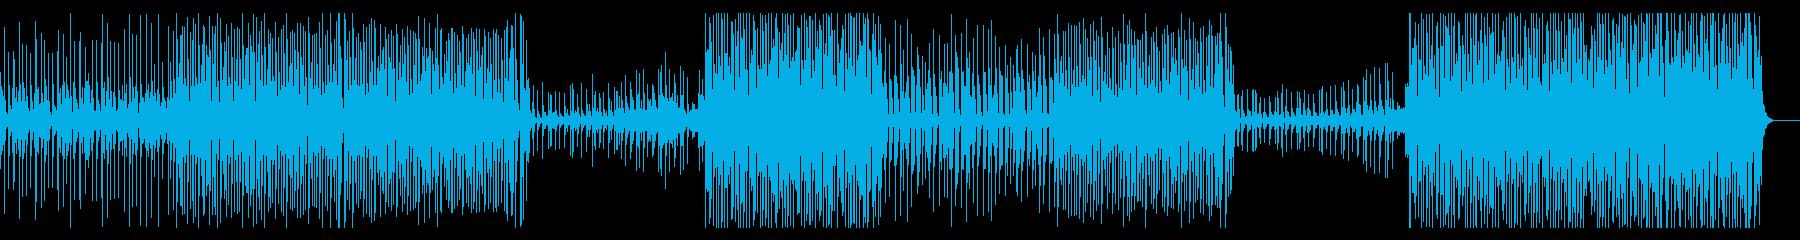 かわいい楽しい!おしゃれトロピカルハウスの再生済みの波形